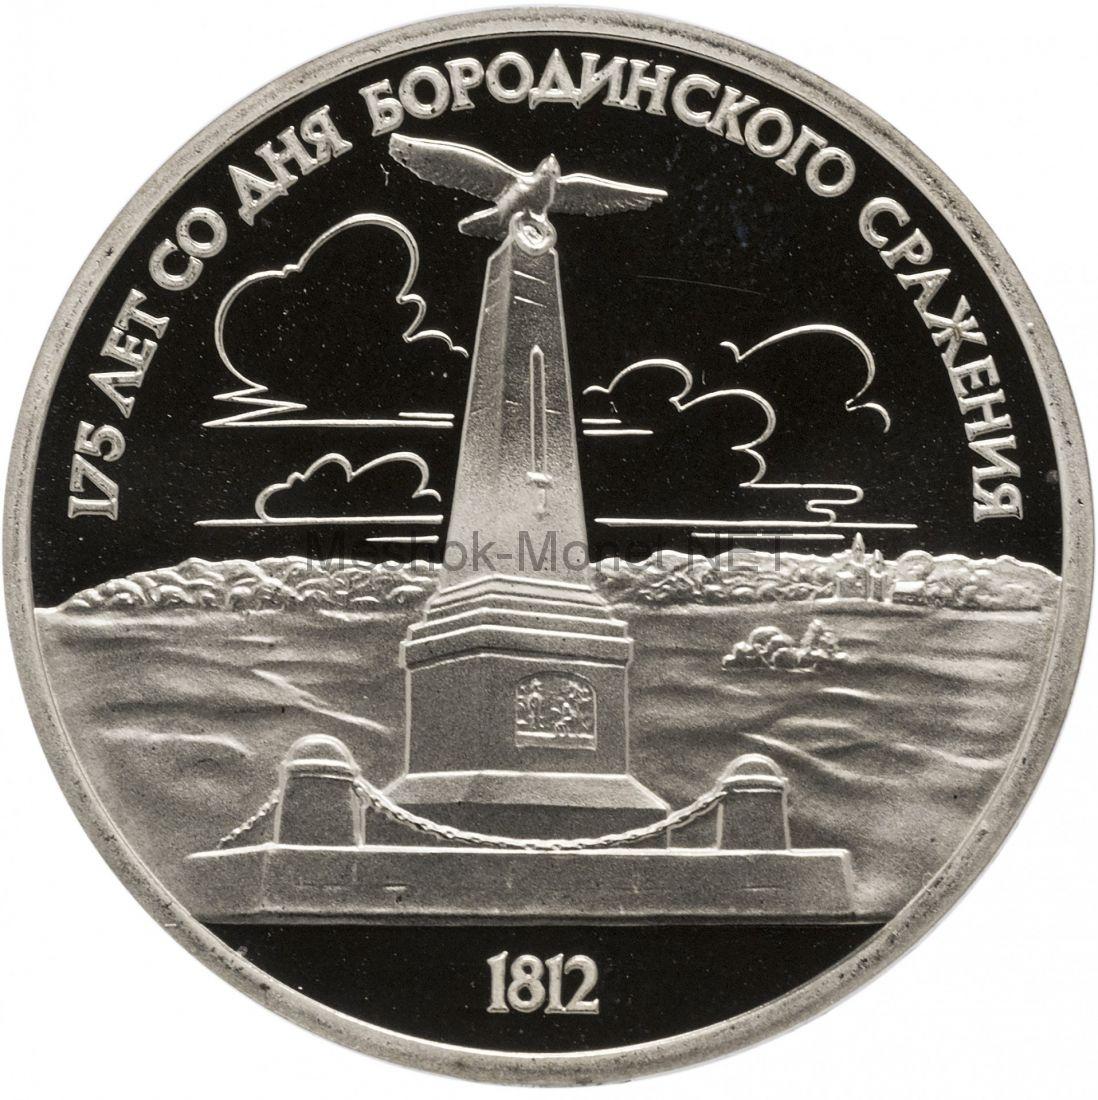 1 рубль 1987 175-летие Бородинского сражения (обелиск) Proof